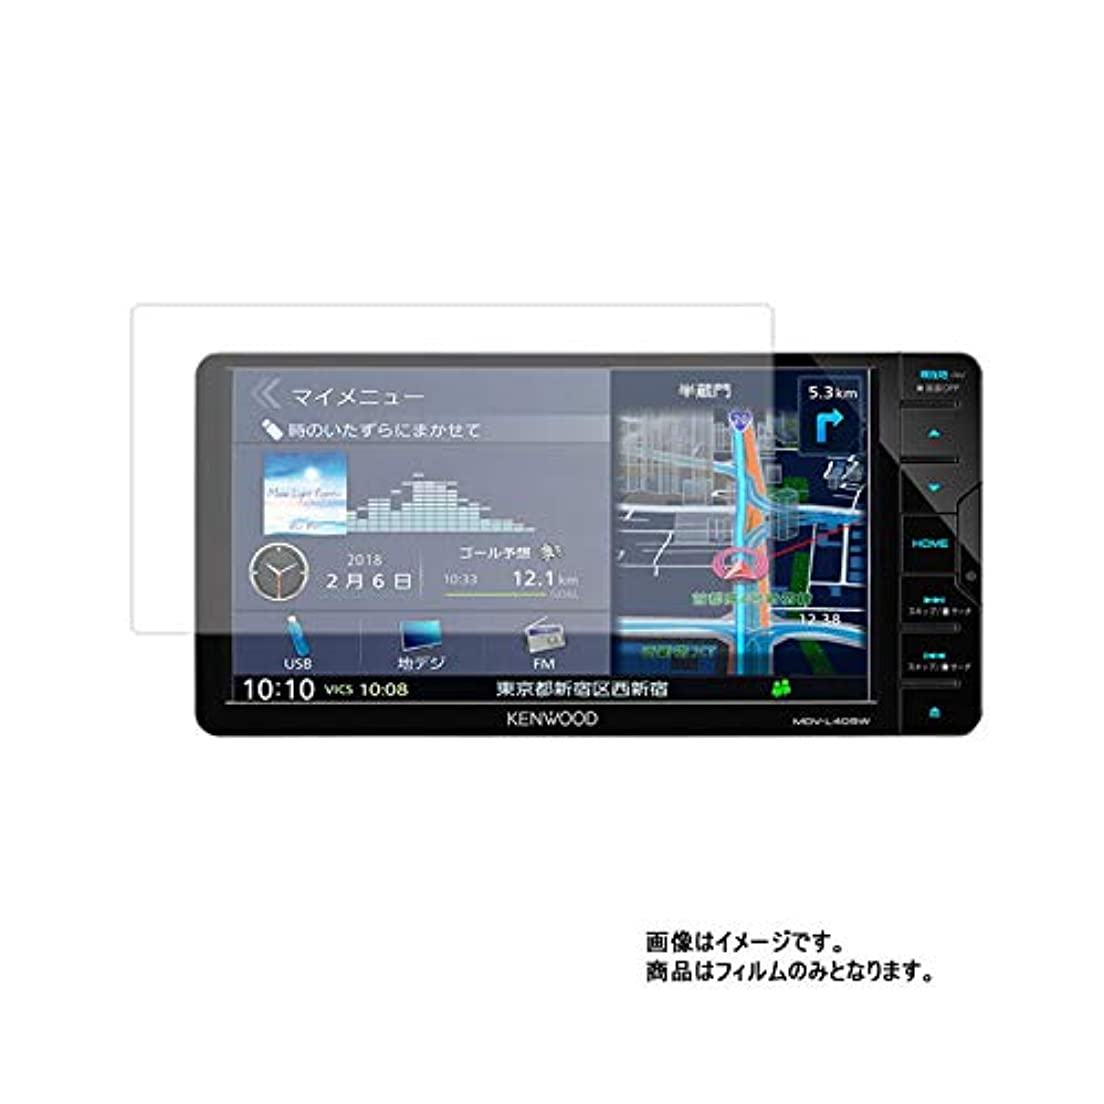 プレゼンテーション保険速度彩速ナビ MDV-L405W 用 液晶保護フィルム 反射防止(マット)タイプ